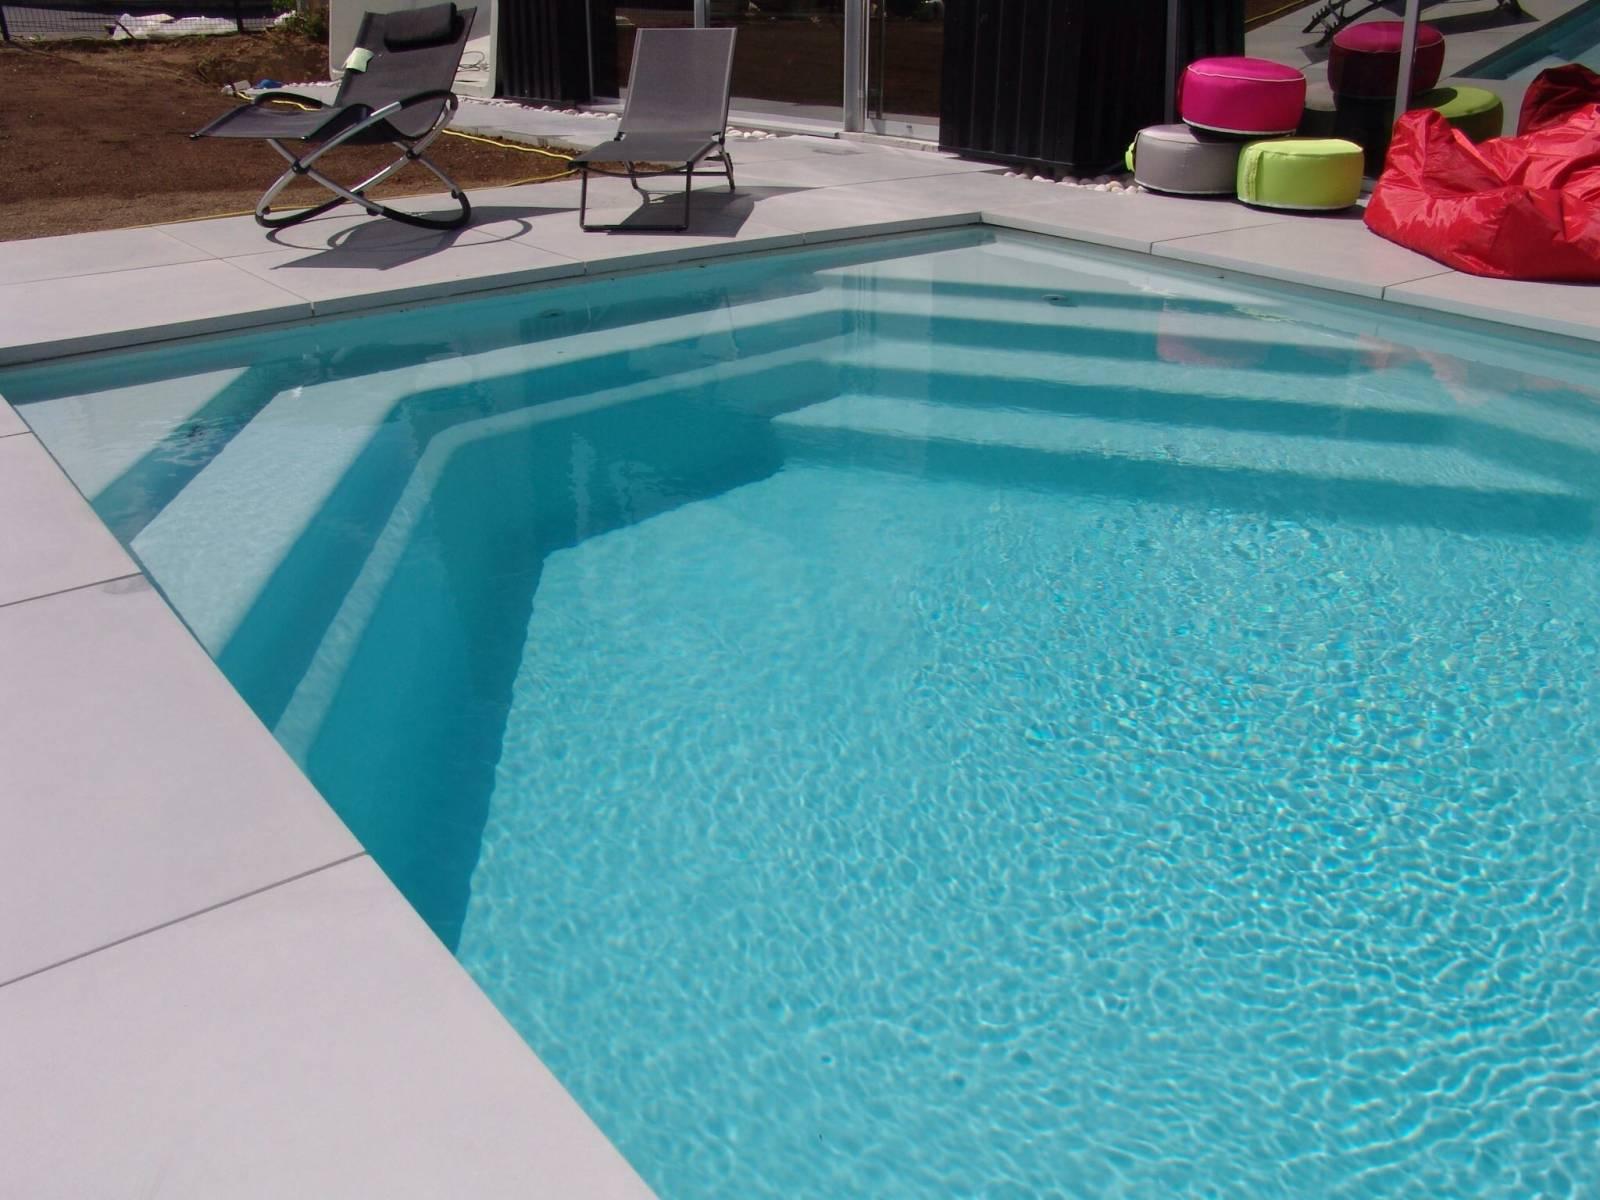 Piscine coque polyester rectangulaire fond plat mod le for Accessoire piscine 62